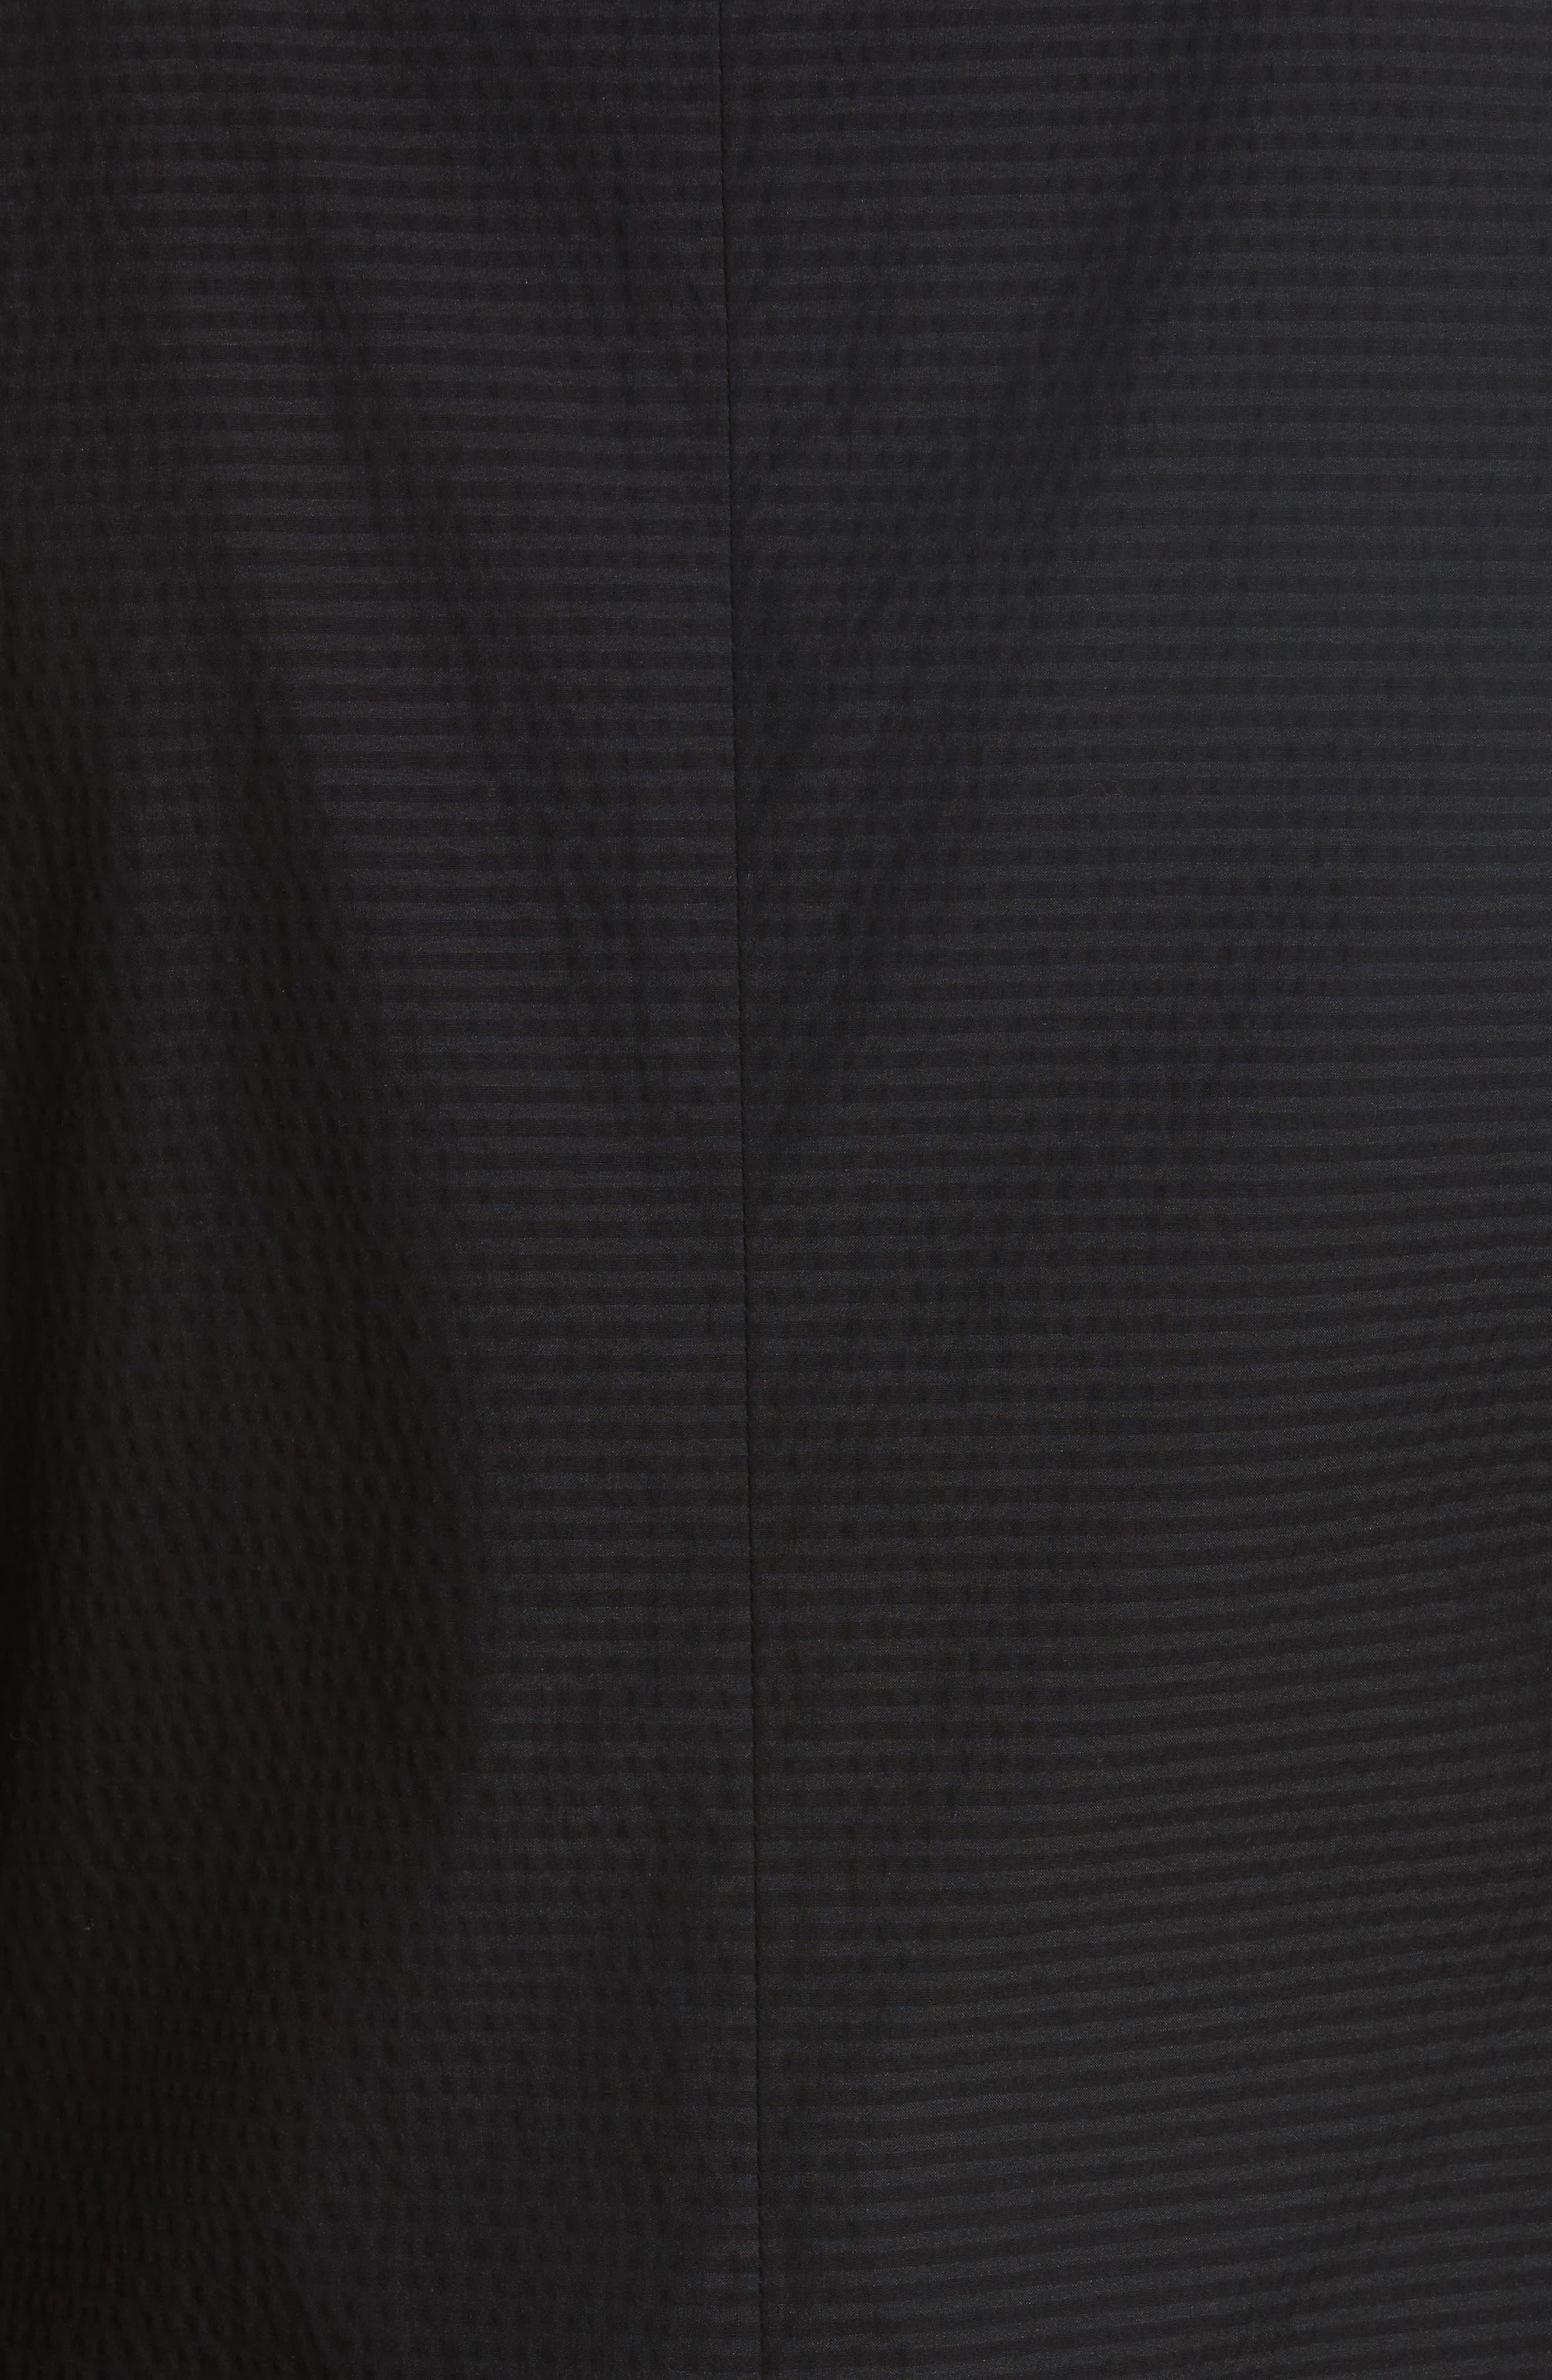 Philips Cotton Blend Blazer,                             Alternate thumbnail 6, color,                             001